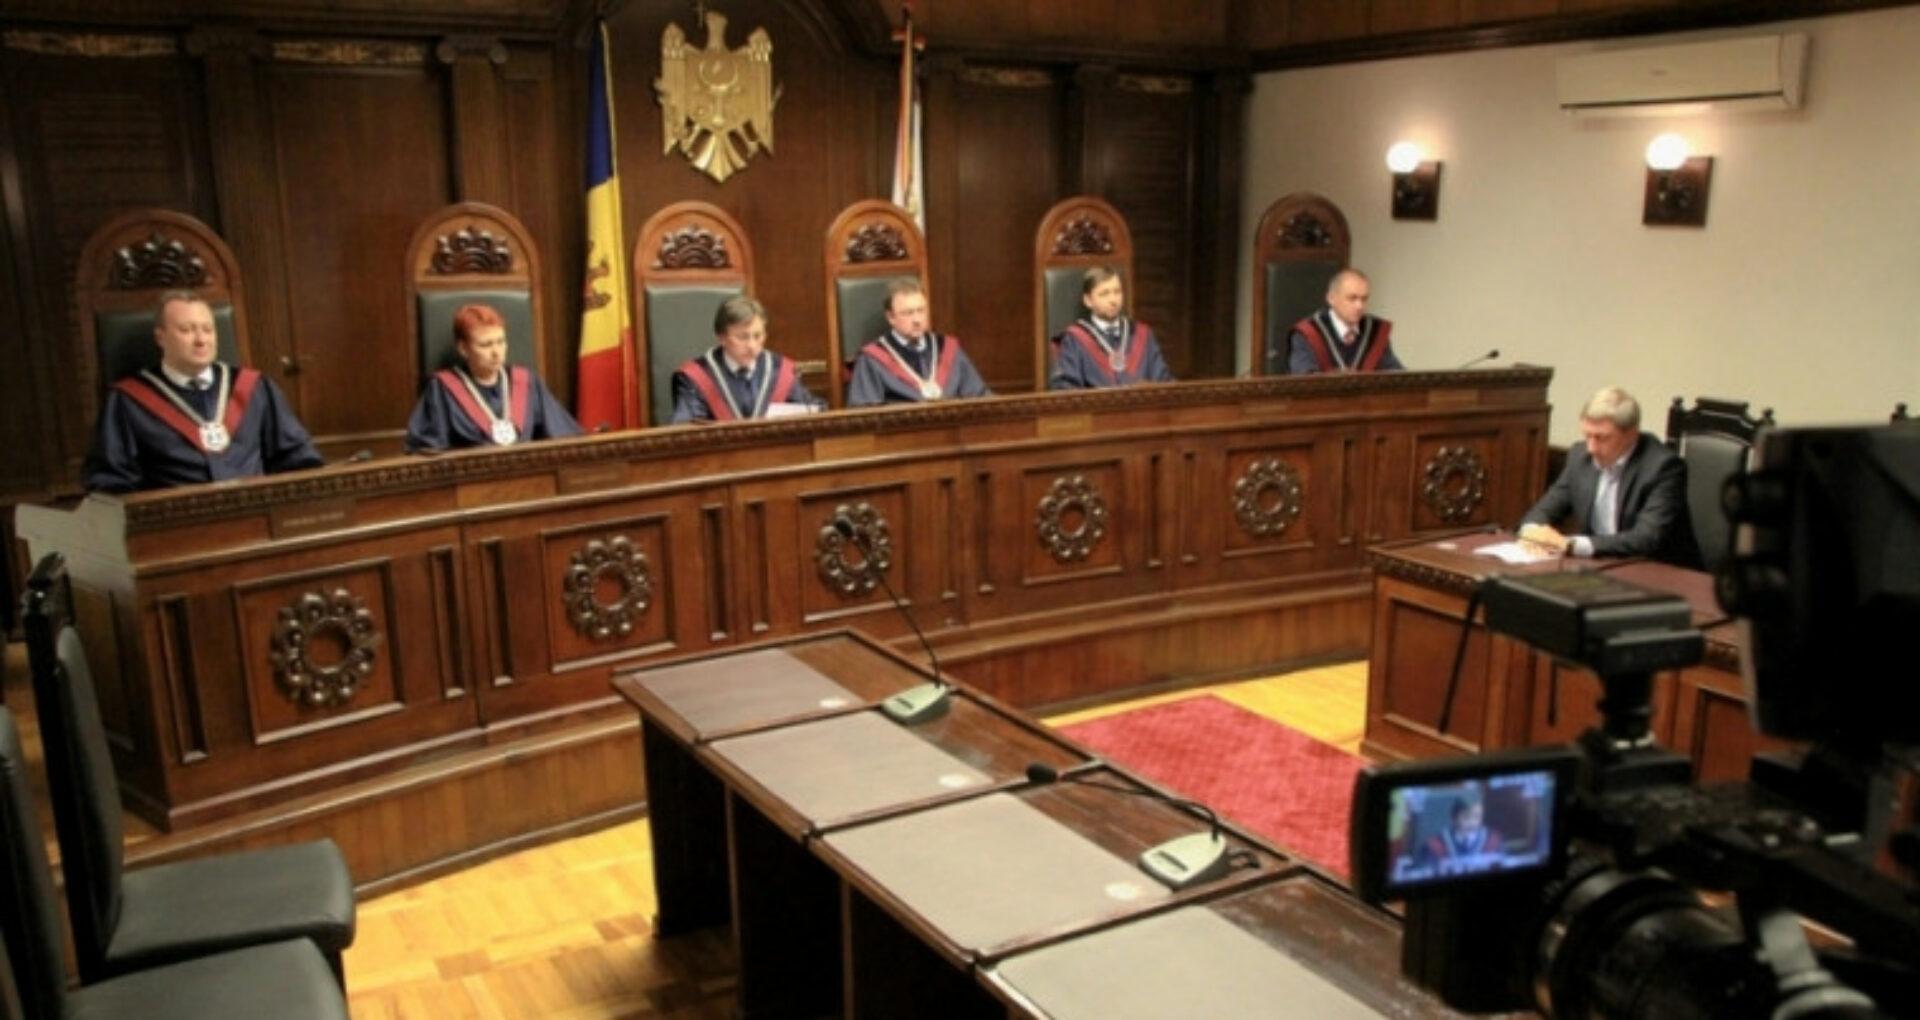 """Șase foști judecători ai CC, chemați la audierile privind """"tentativa de puci anticonstituțional întreprinsă de PD"""""""